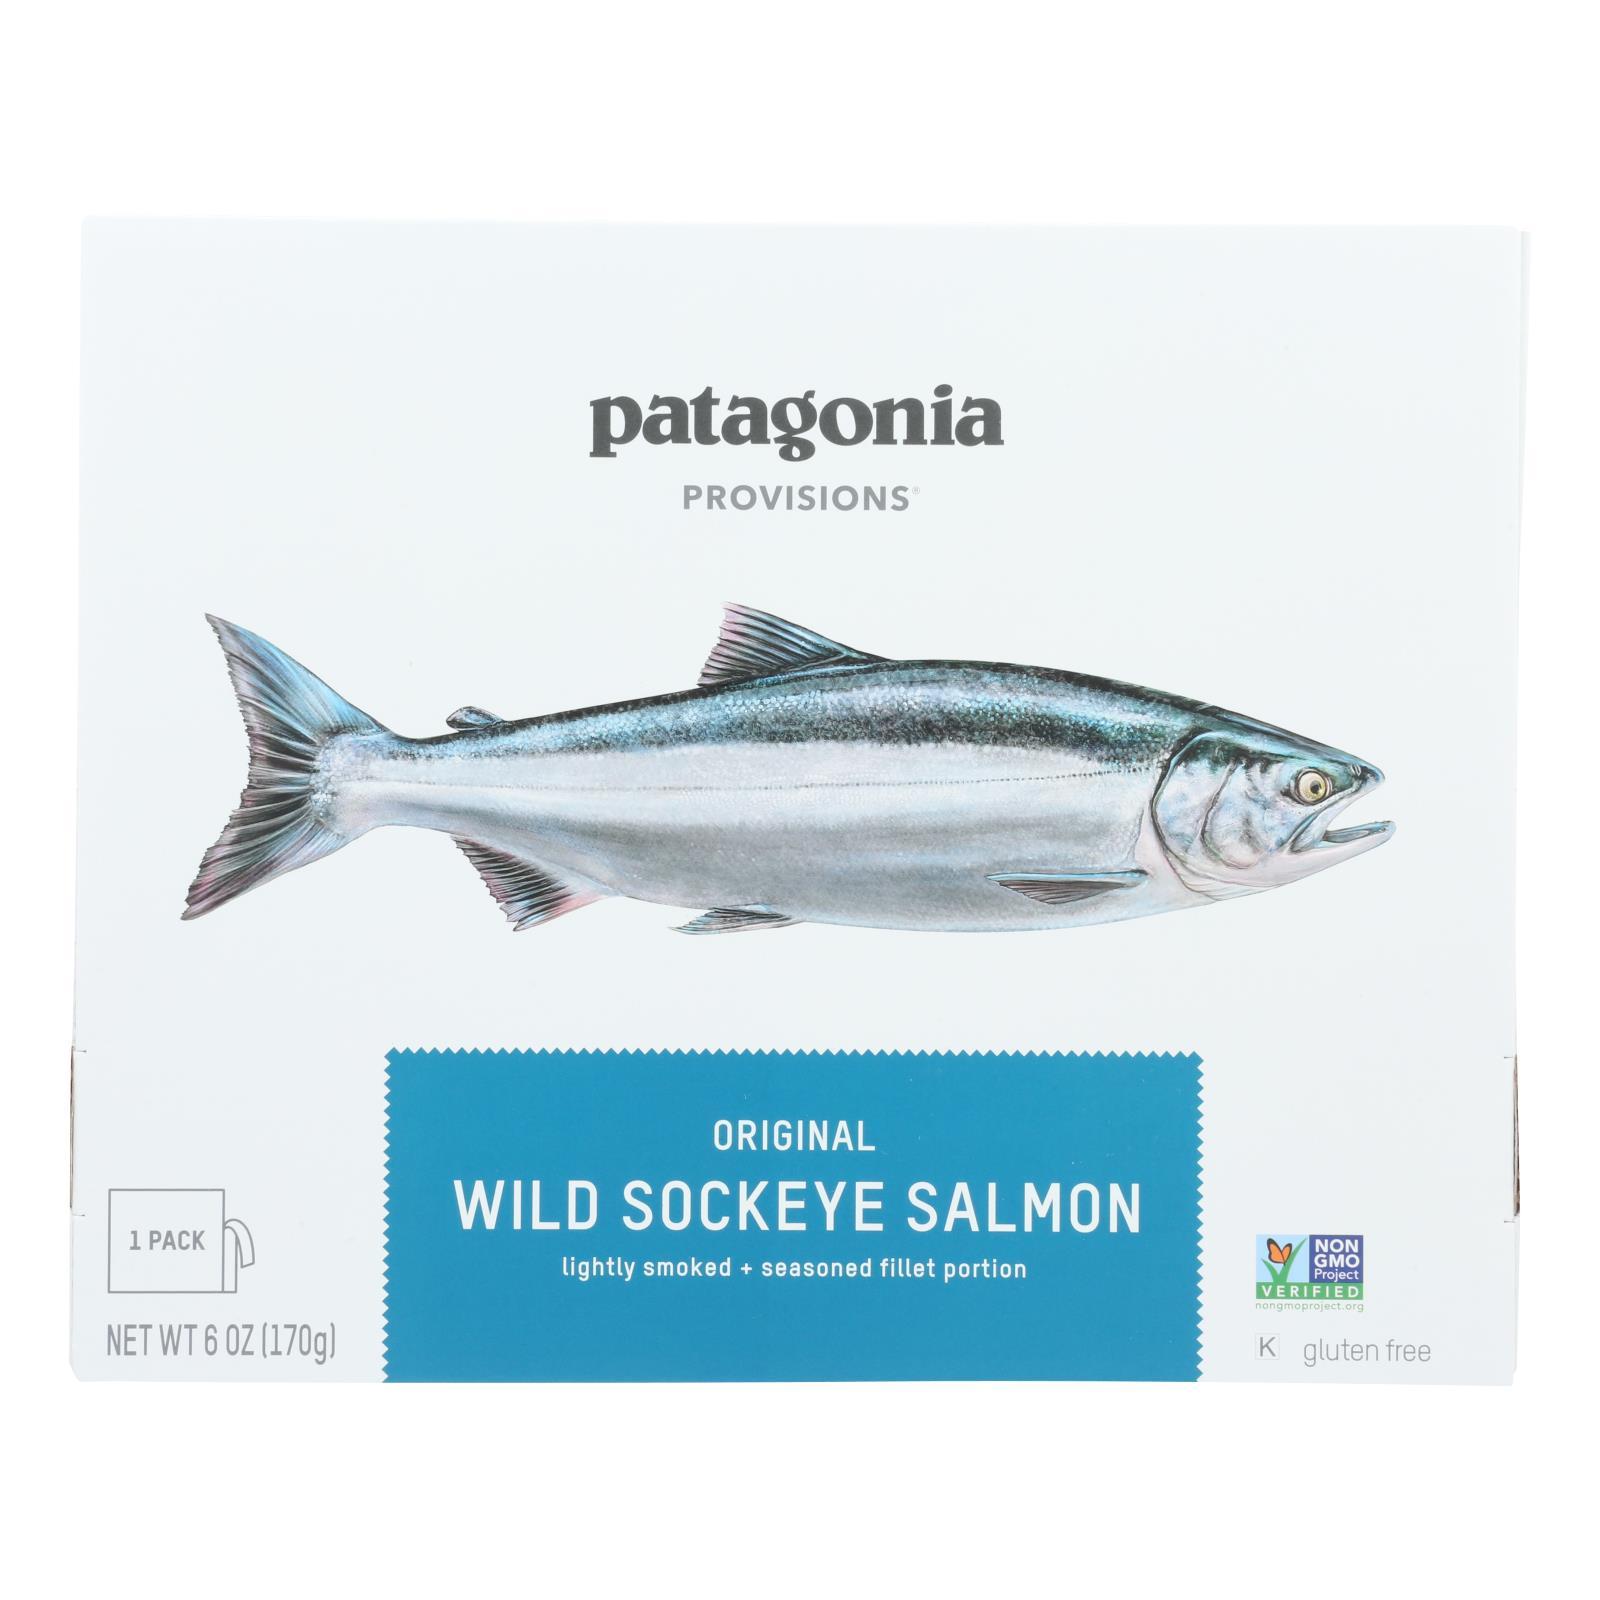 Patagonia - Salmon Wild Sockeye Orgnl - Case of 6-6 OZ